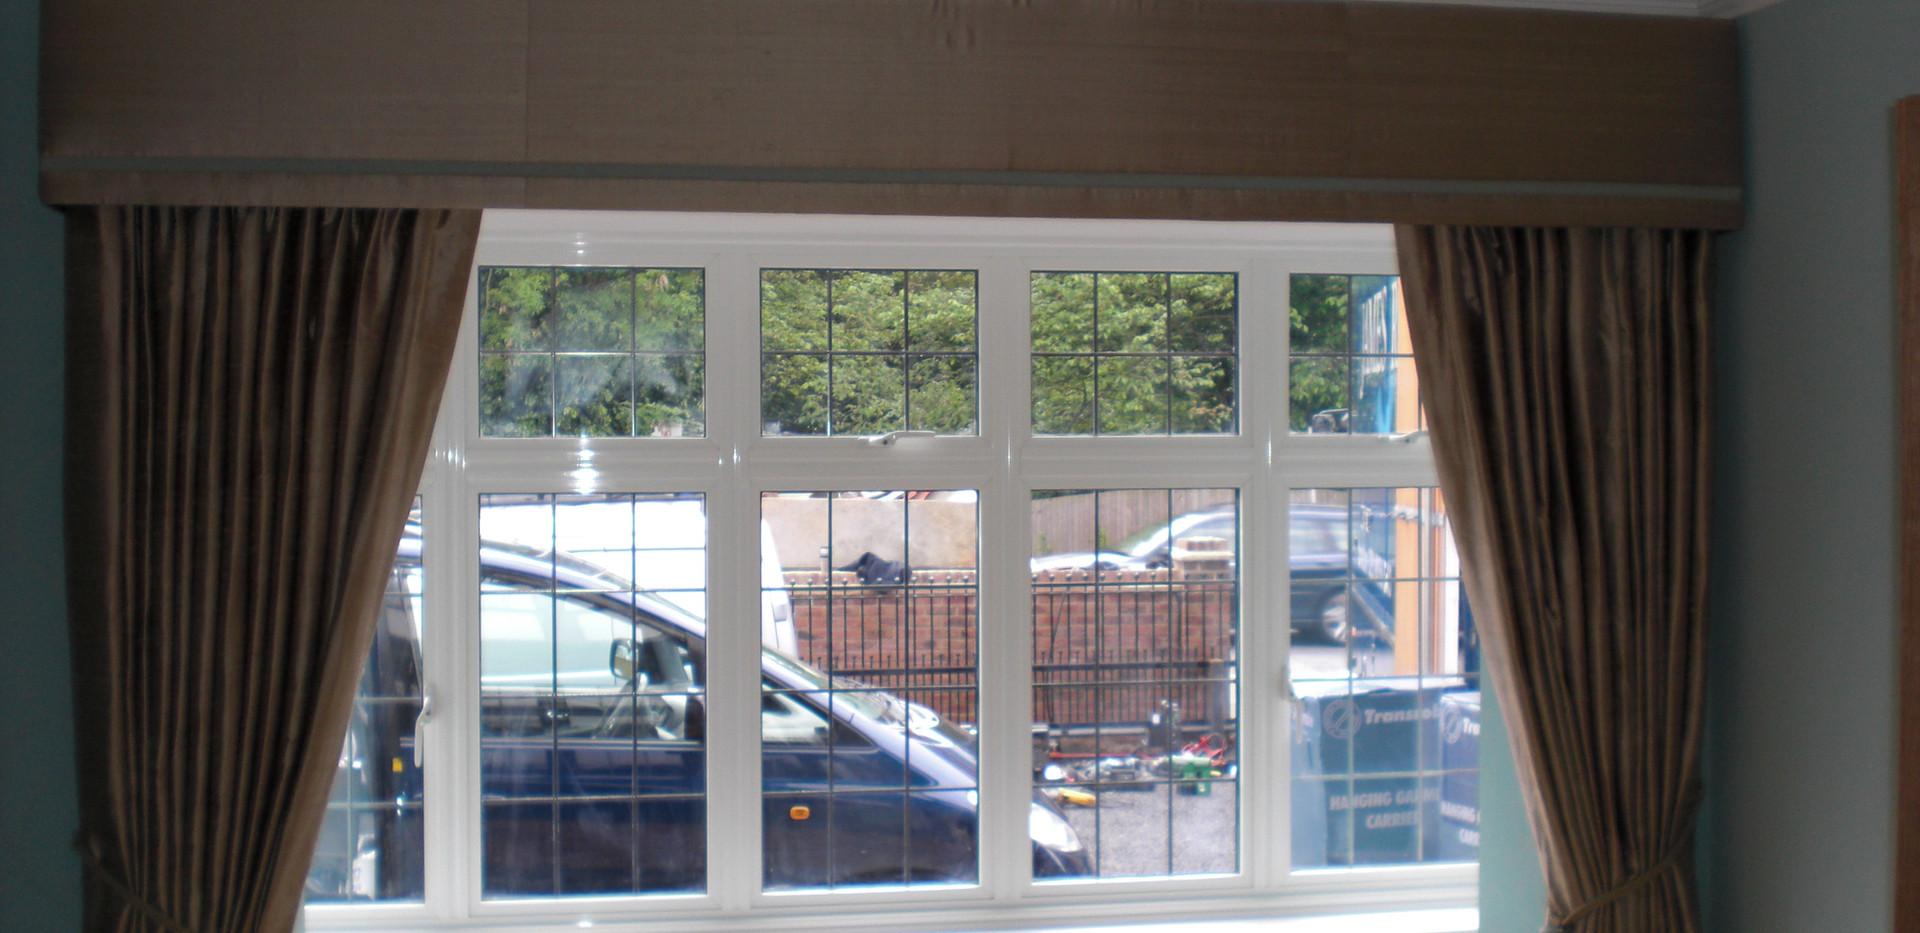 curtains 268 - Copy.jpg